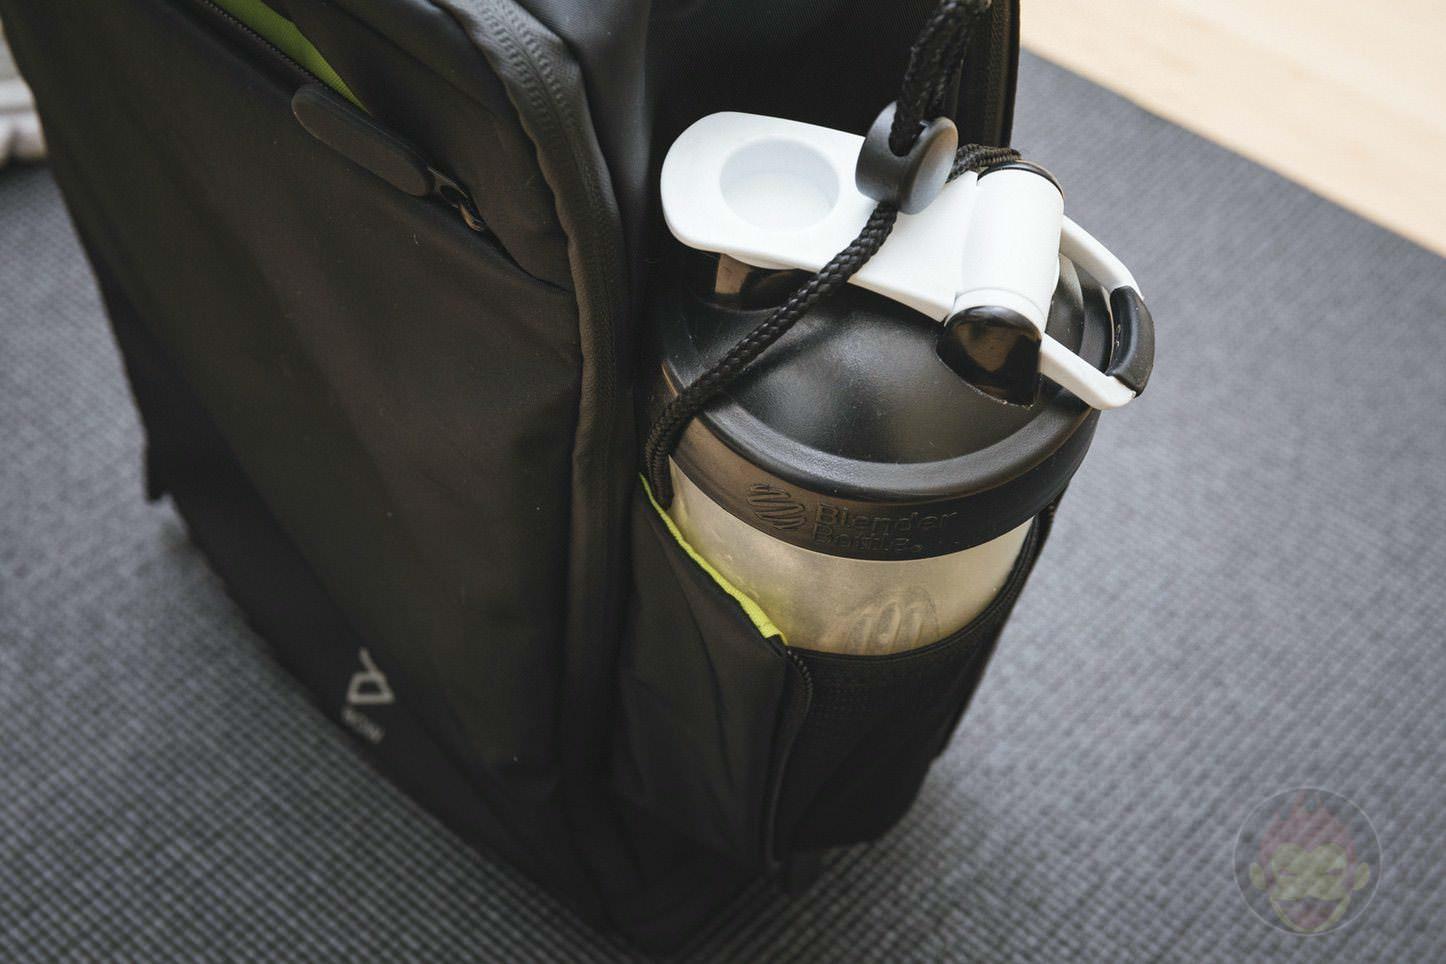 Quiver-Gym-Splashproof-Shoulder-Bag-12.jpg